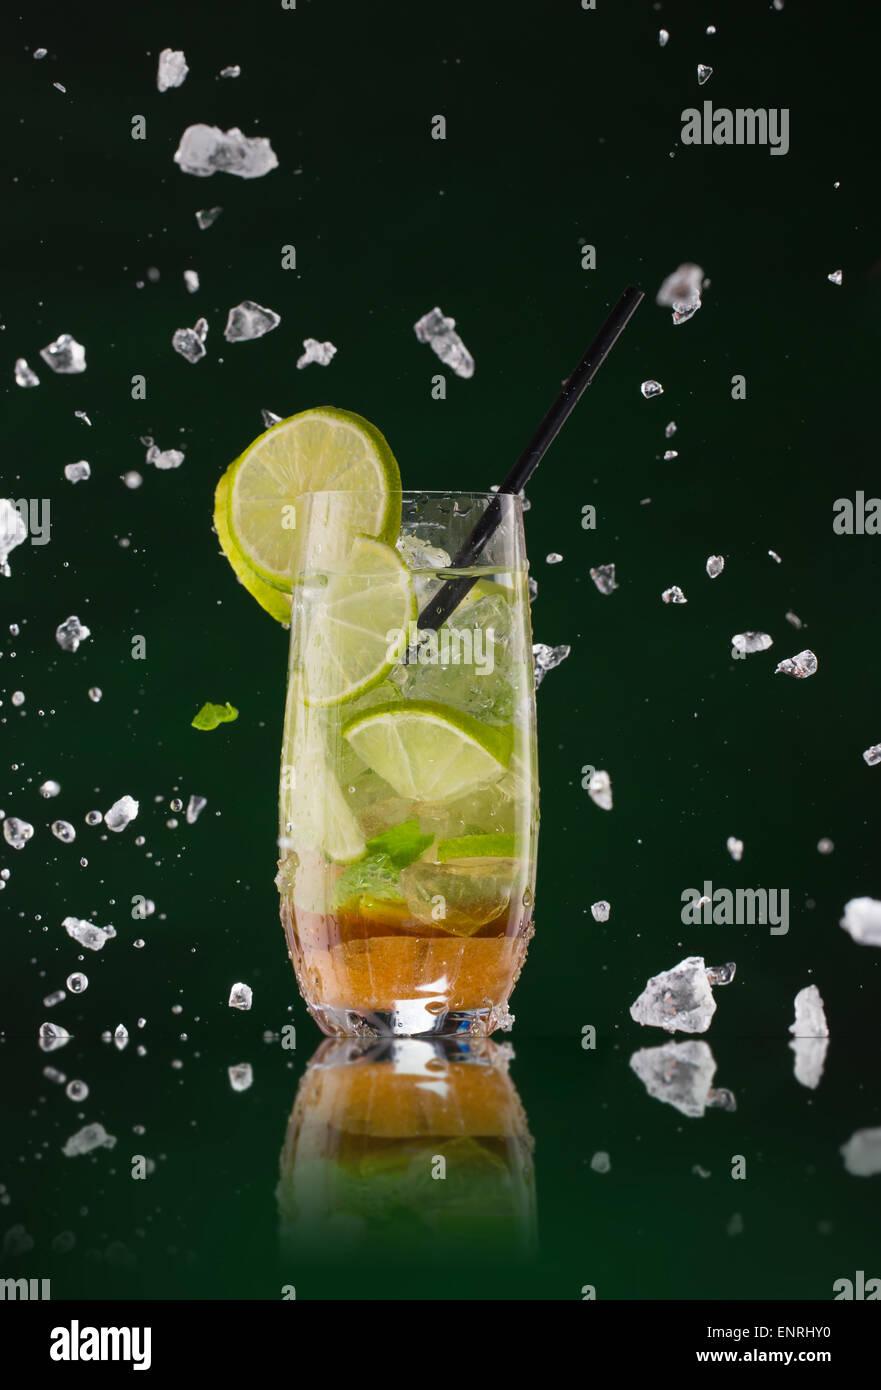 Mojito fresca bebida con cubitos de hielo y las salpicaduras sobre fondo negro Imagen De Stock